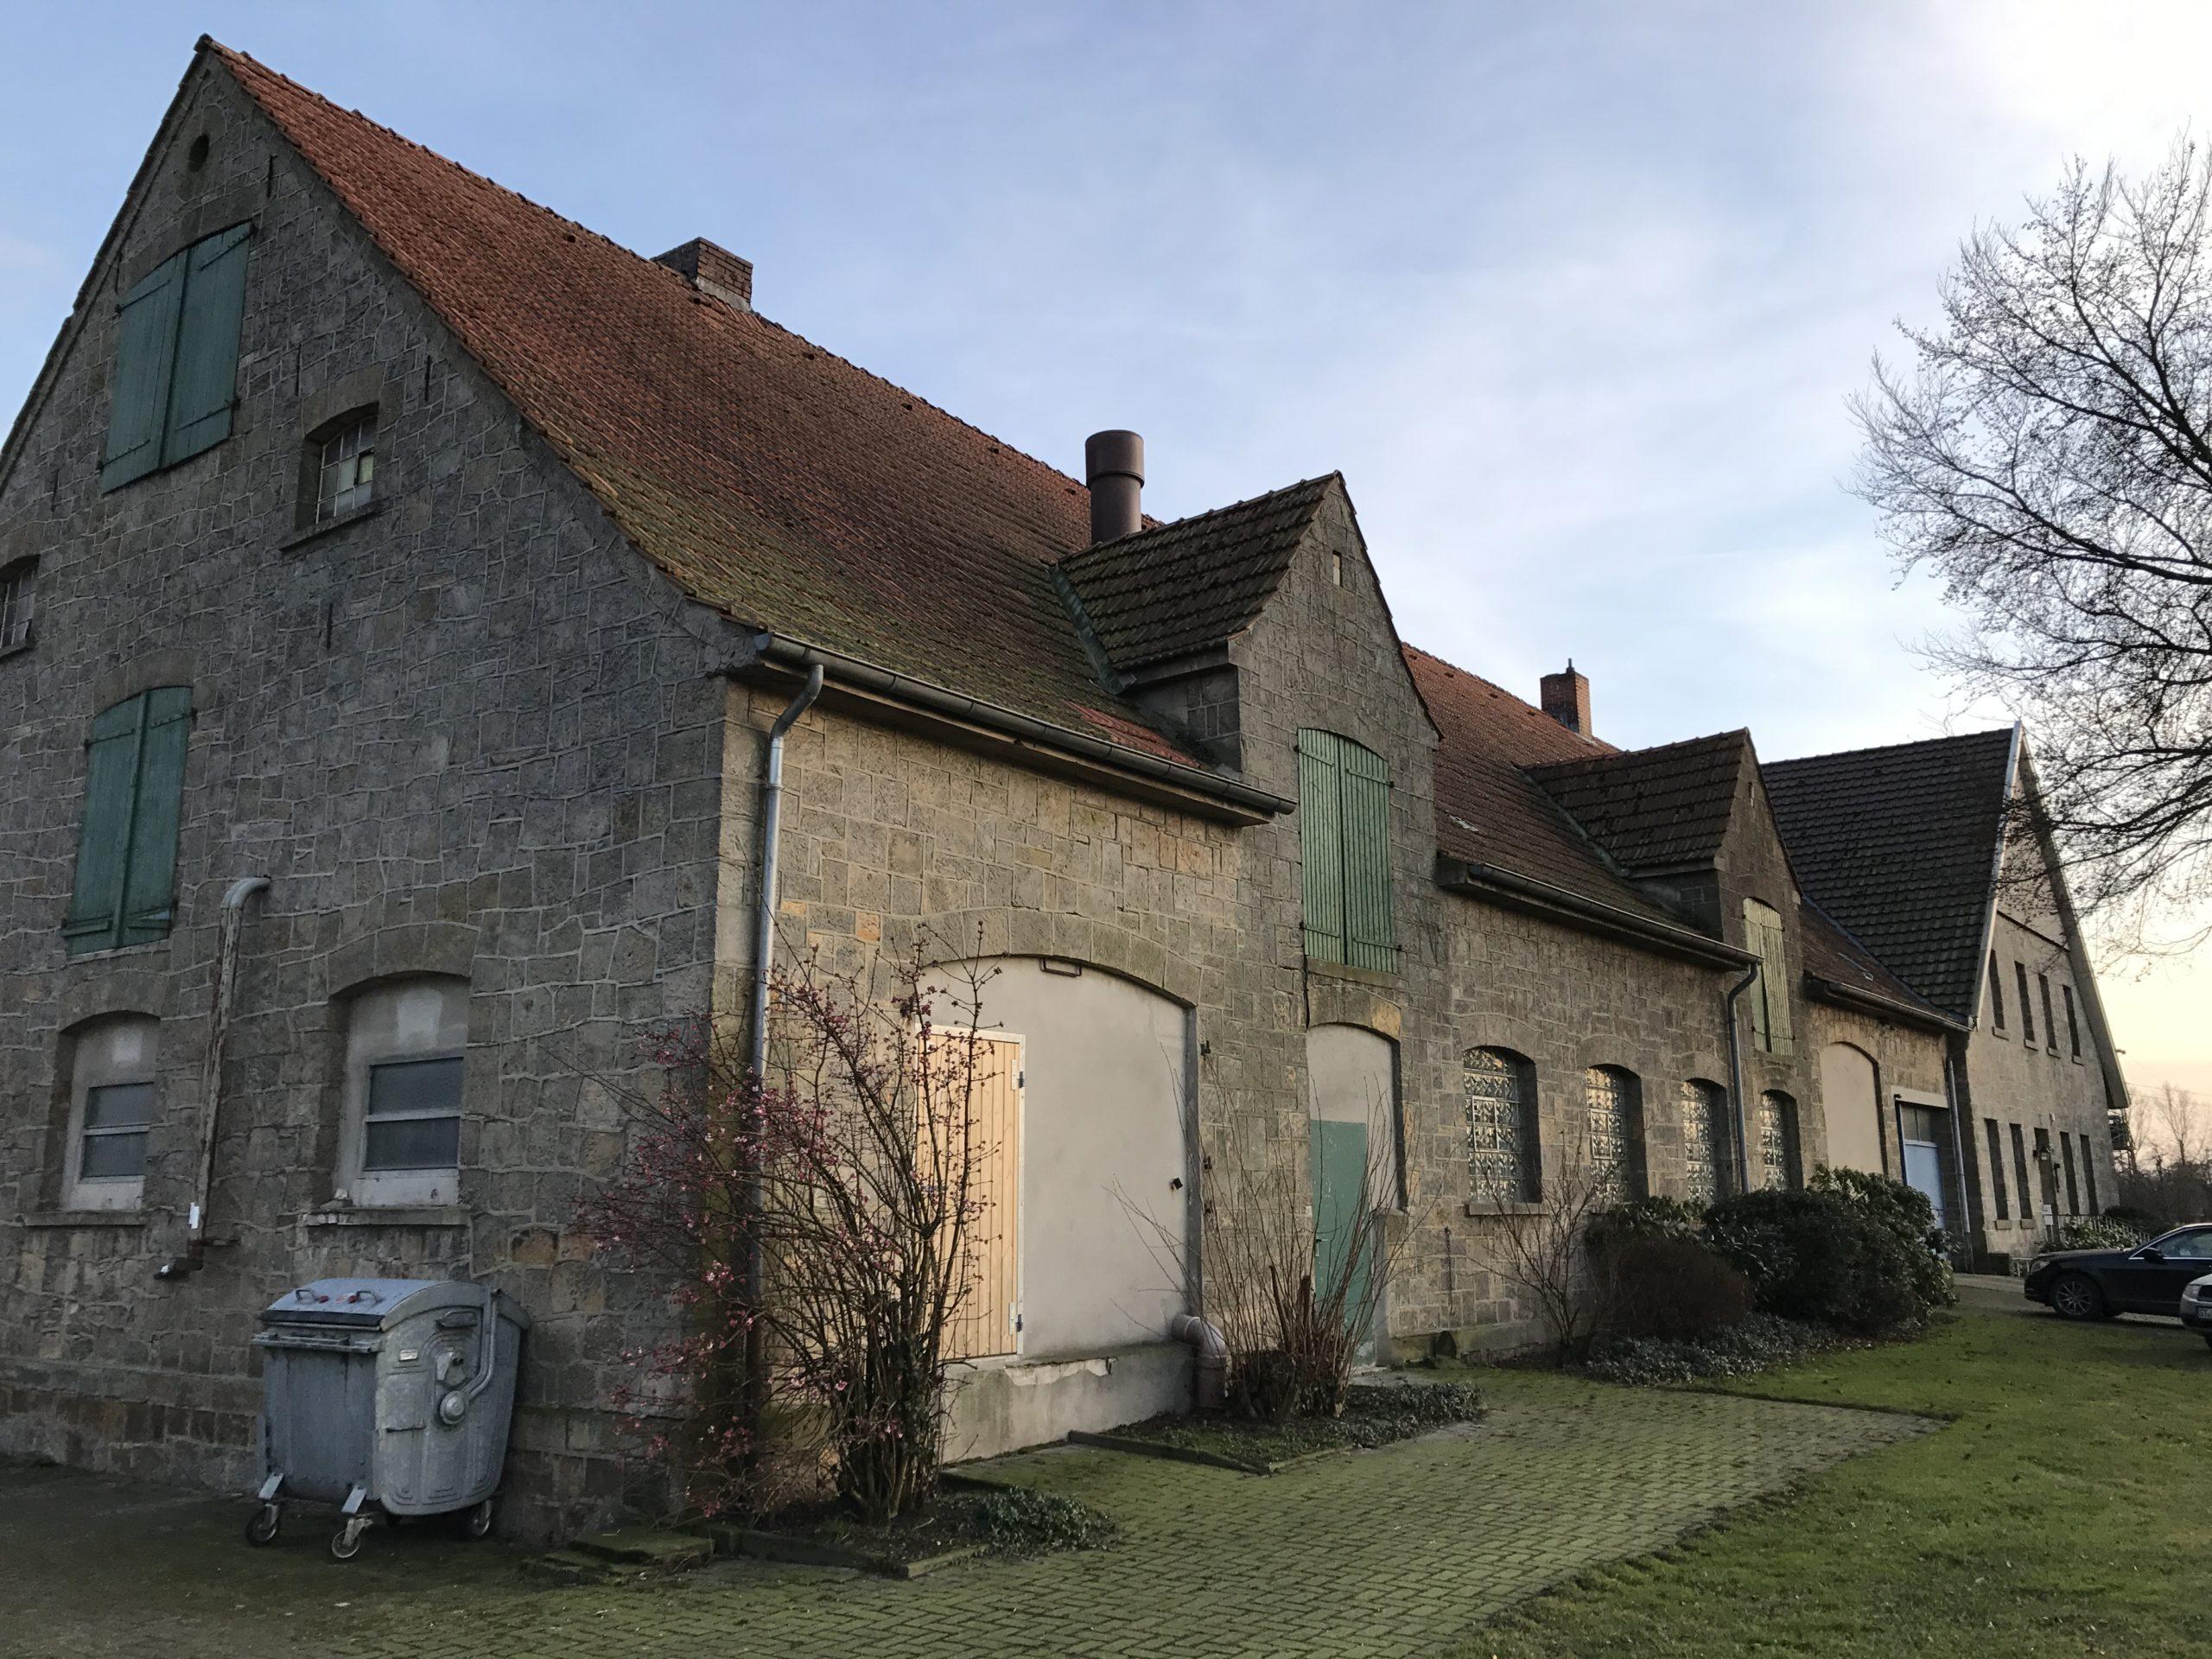 Umbau einer Hofstelle zu 4 Wohneinheiten | Architektur Osnabrück